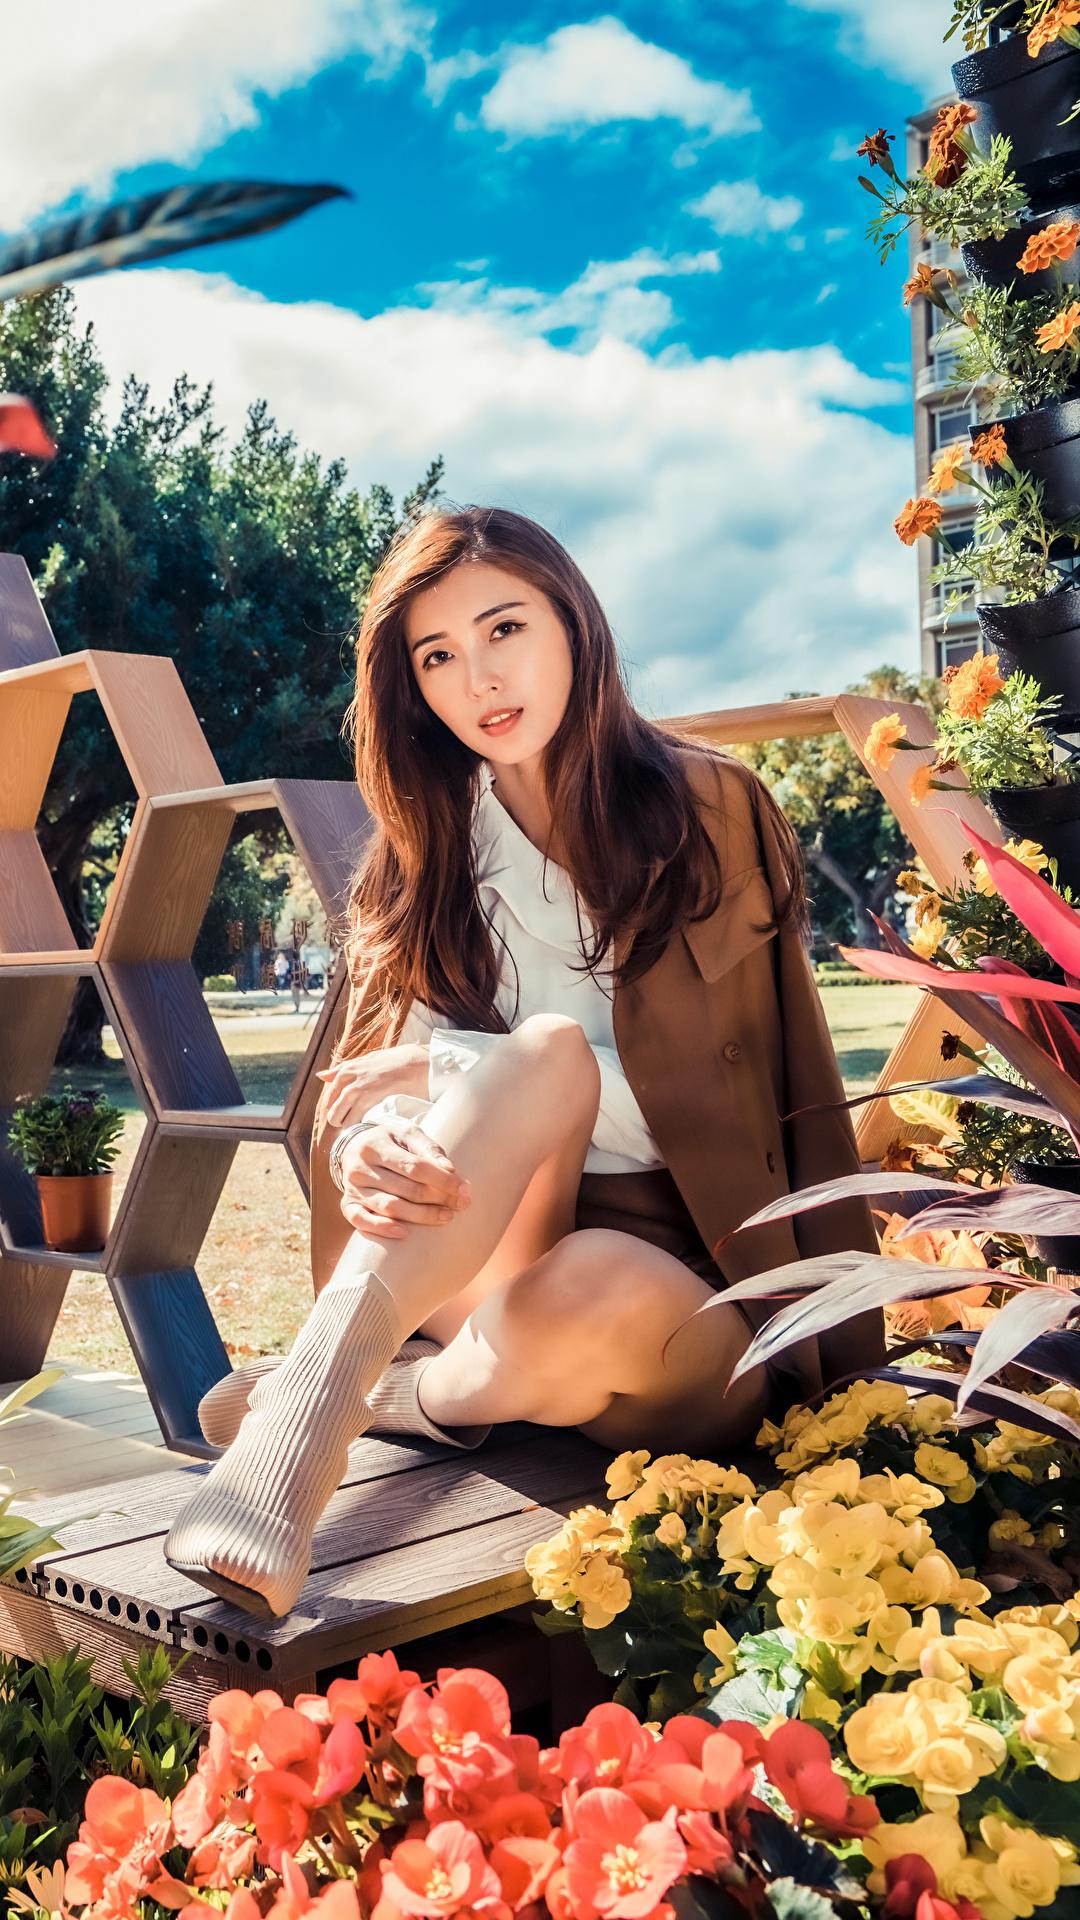 Foto Braune Haare junge frau Asiatische Sitzend Blick 1080x1920 für Handy Braunhaarige Mädchens junge Frauen Asiaten asiatisches sitzt sitzen Starren